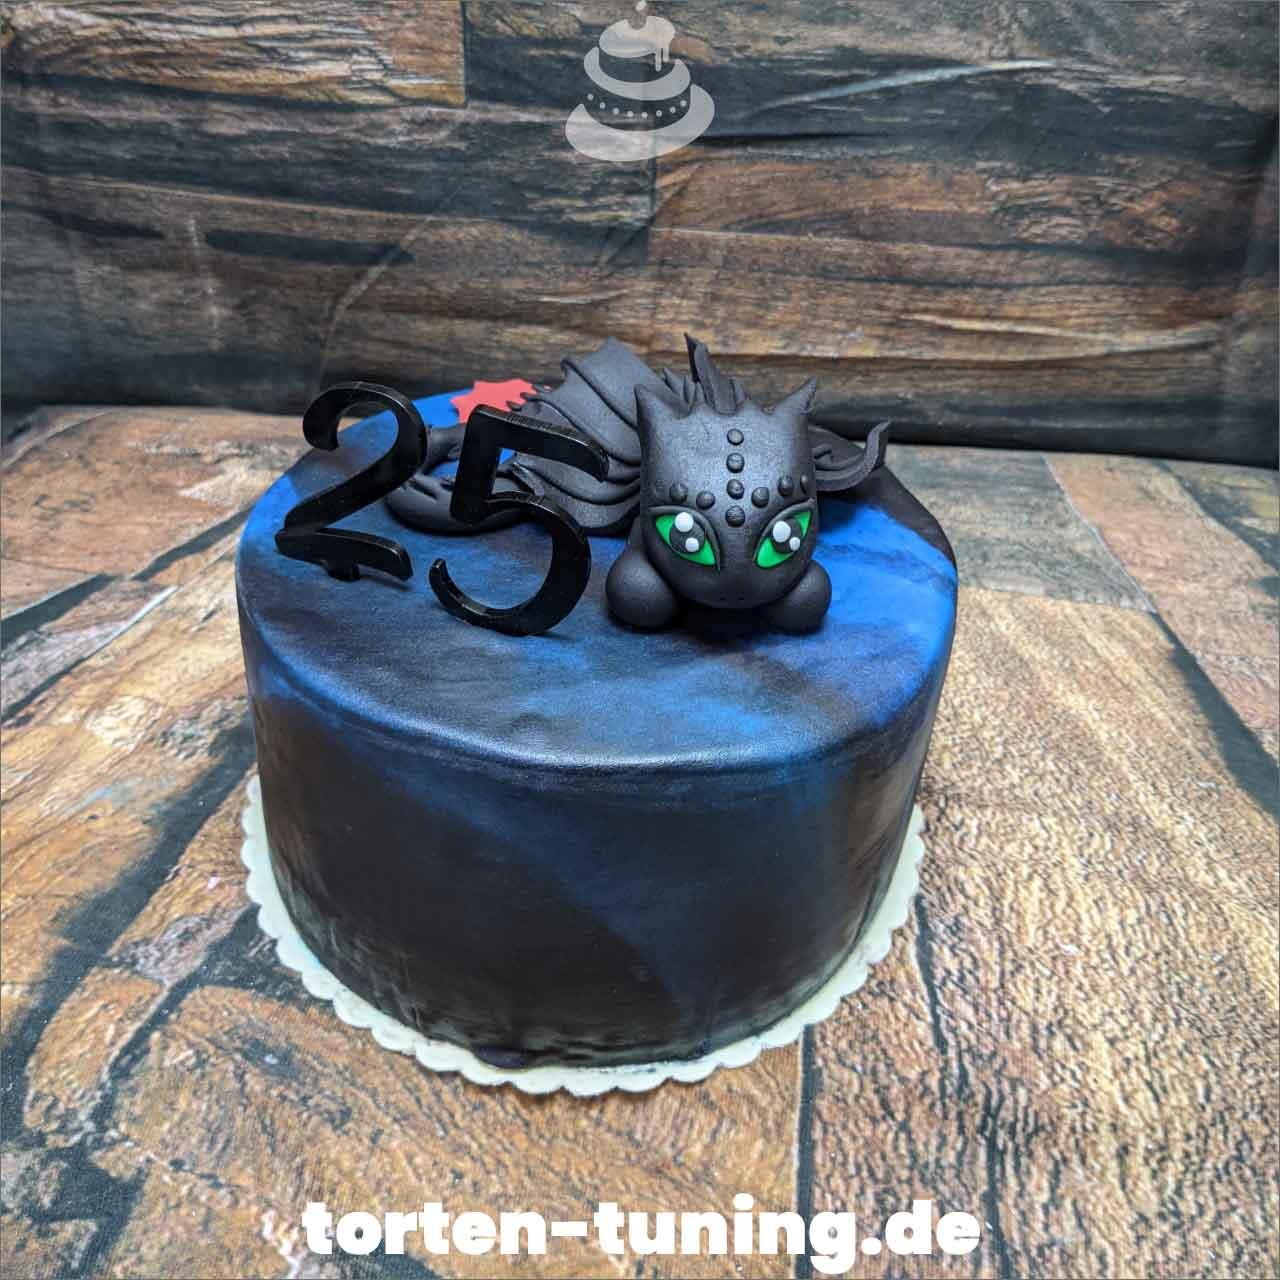 Ohnezahn Dripcake Obsttorte Geburtstagstorte Motivtorte Torte Tortendekoration Torte online bestellen Suhl Thüringen Torten Tuning Sahnetorte Tortenfiguren Cake Topper